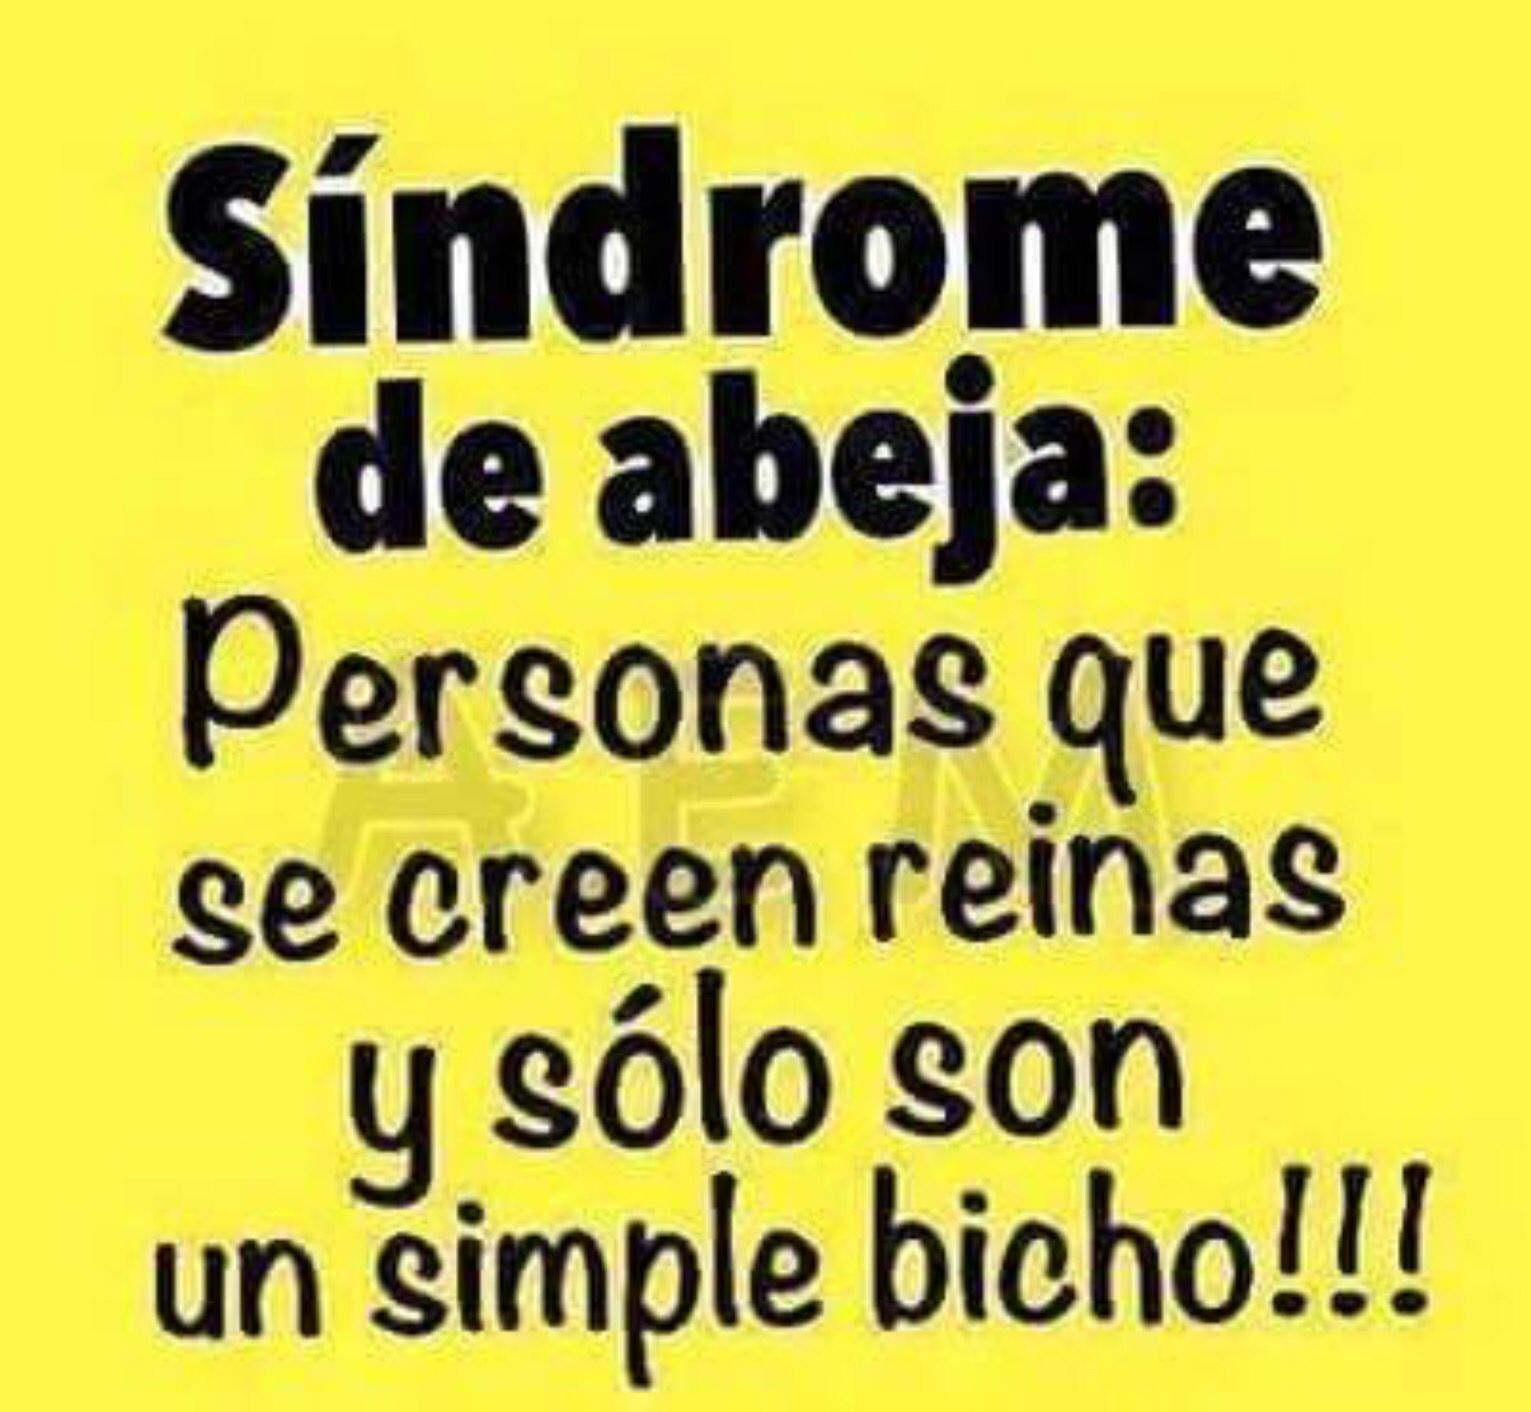 Quotes In Spanish About Friendship Síndrome De Abeja Personas Que Se Creen Reinas Y Sólo Son Un